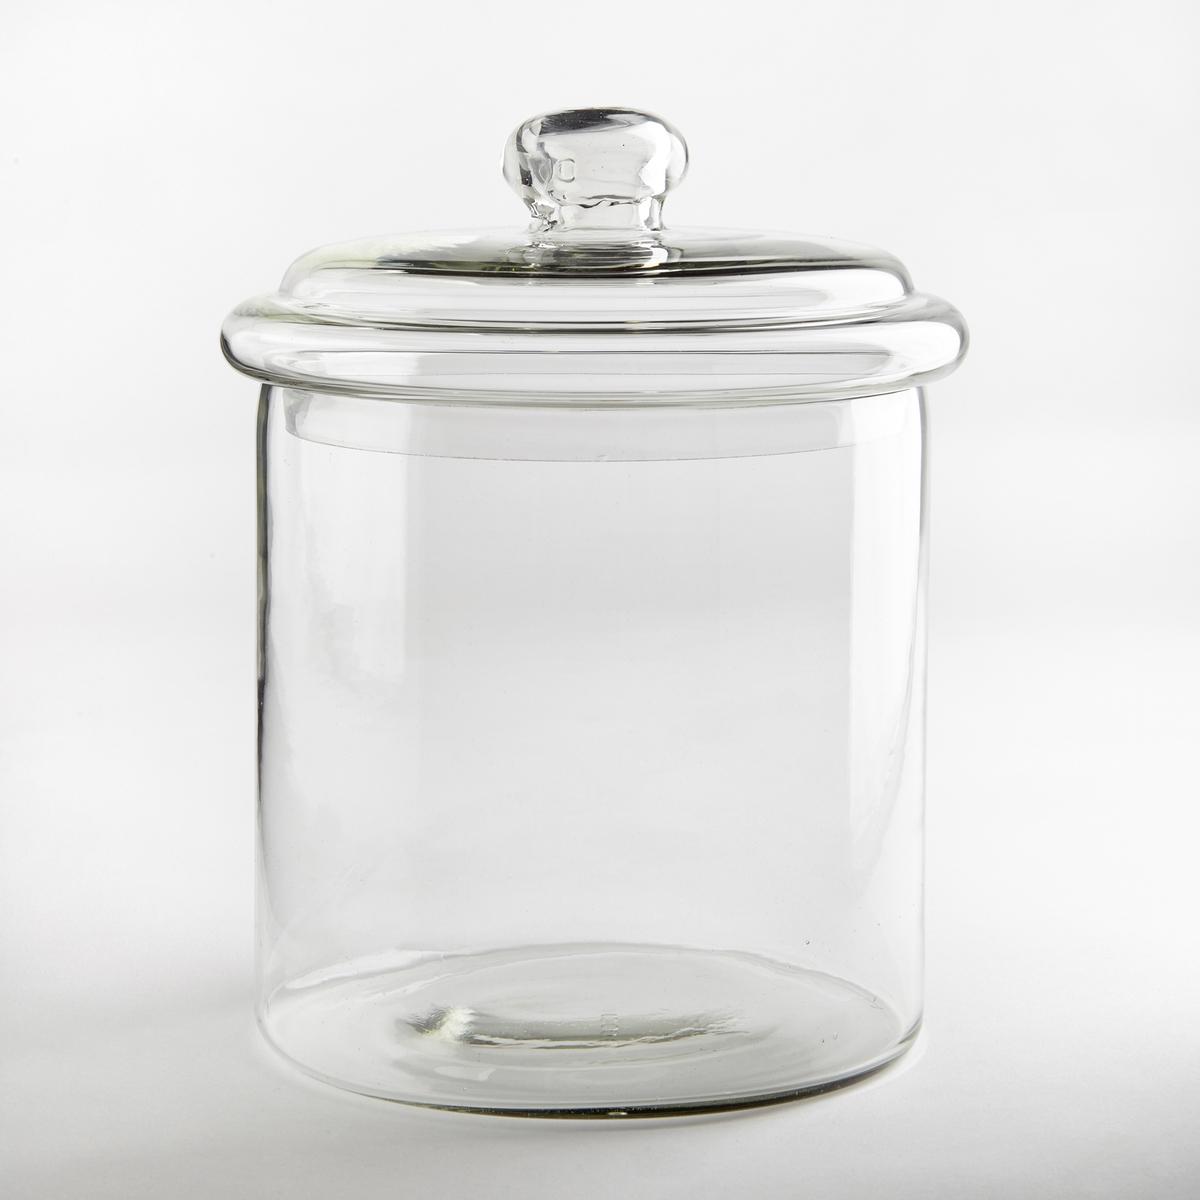 Contenitore in vetro con coperchio